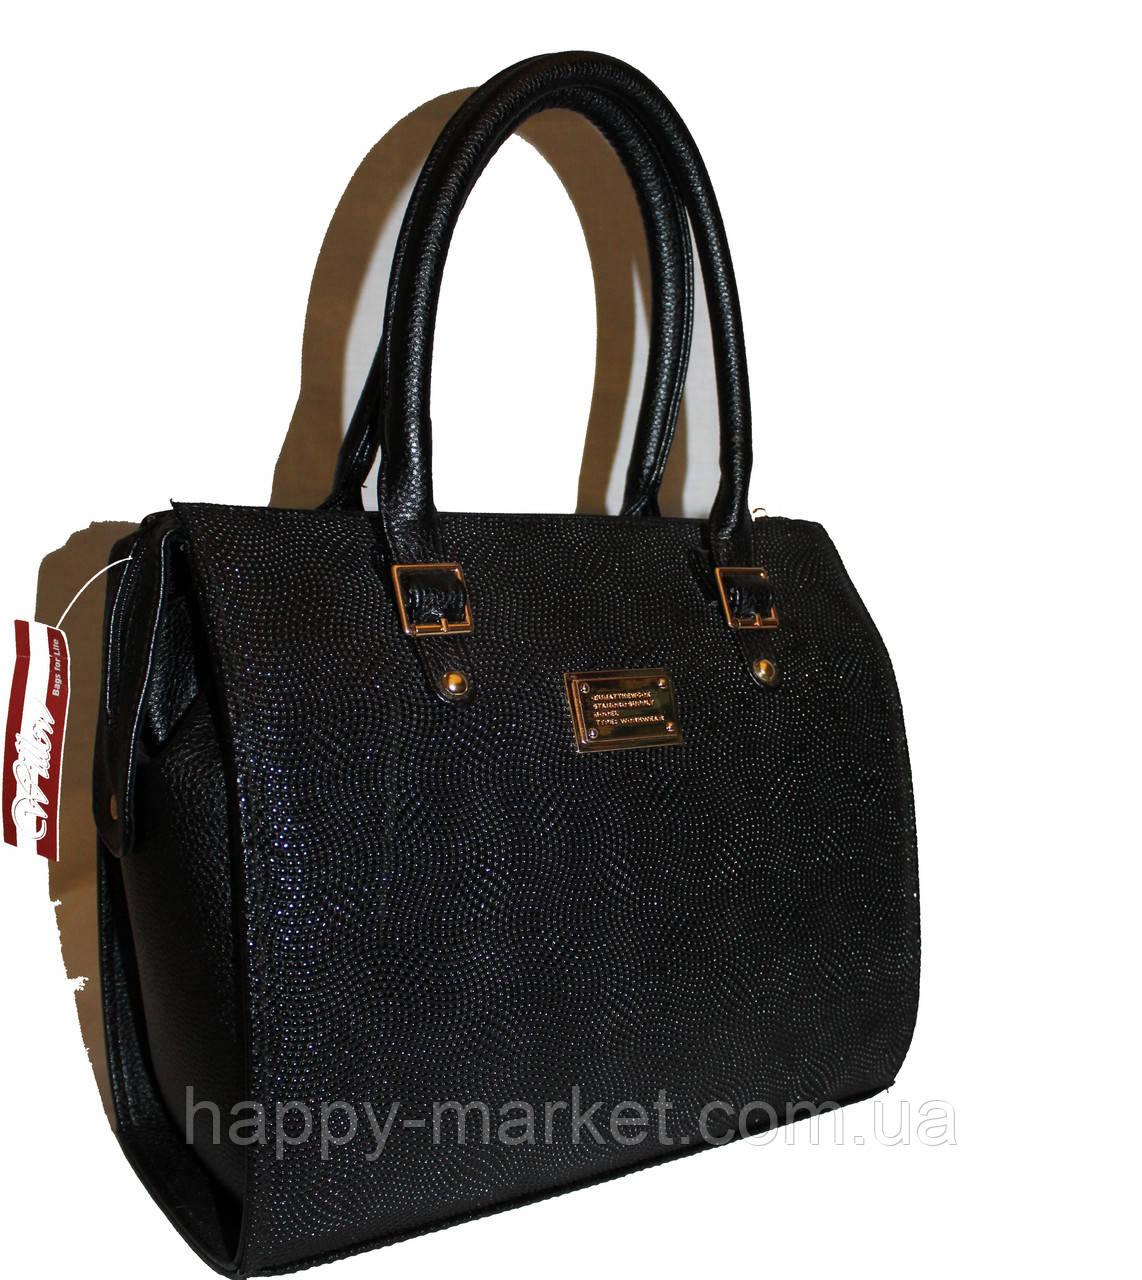 Сумка женская классическая Fashion  гладкая 55301-1